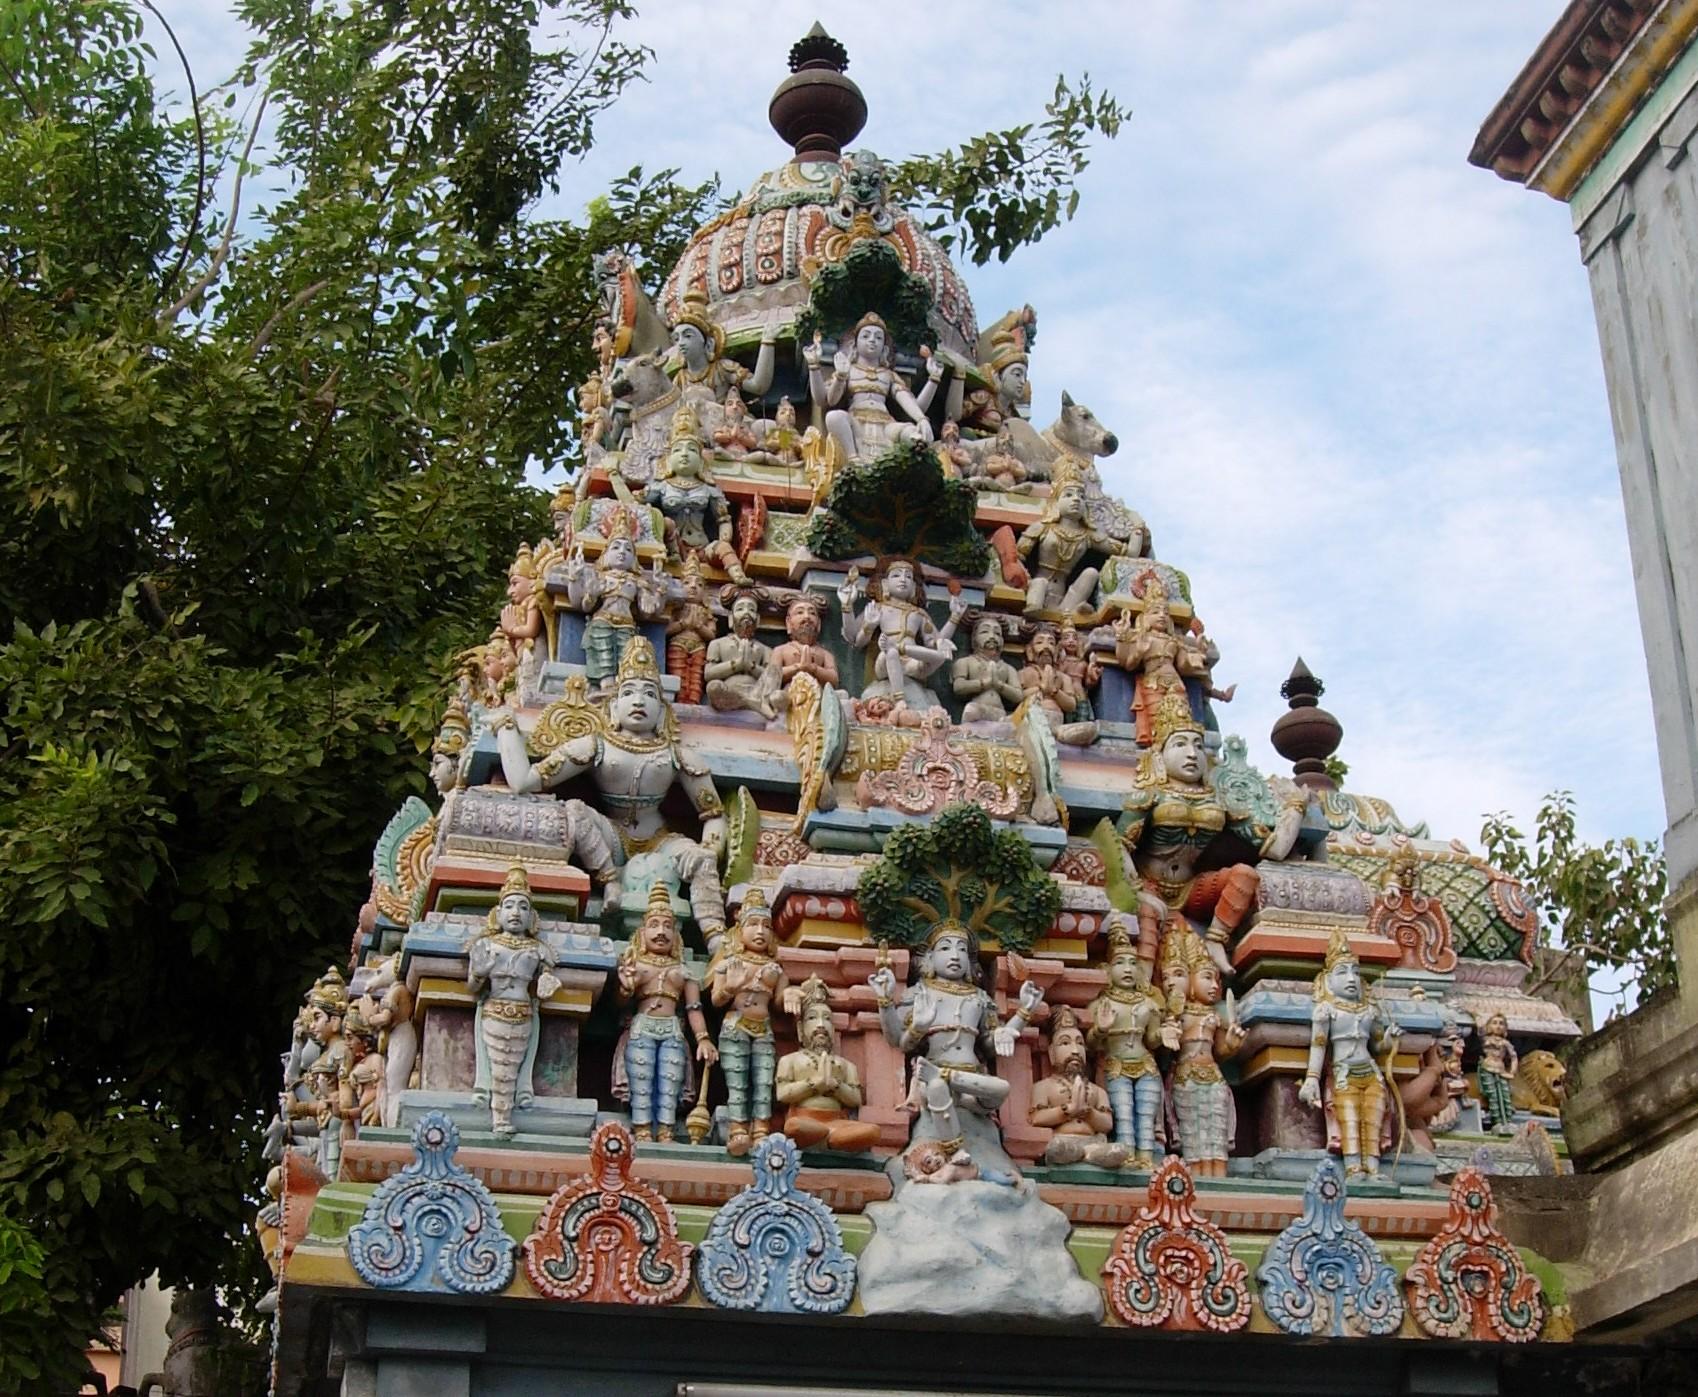 L'hindouisme est toujours très pratiqué en Inde